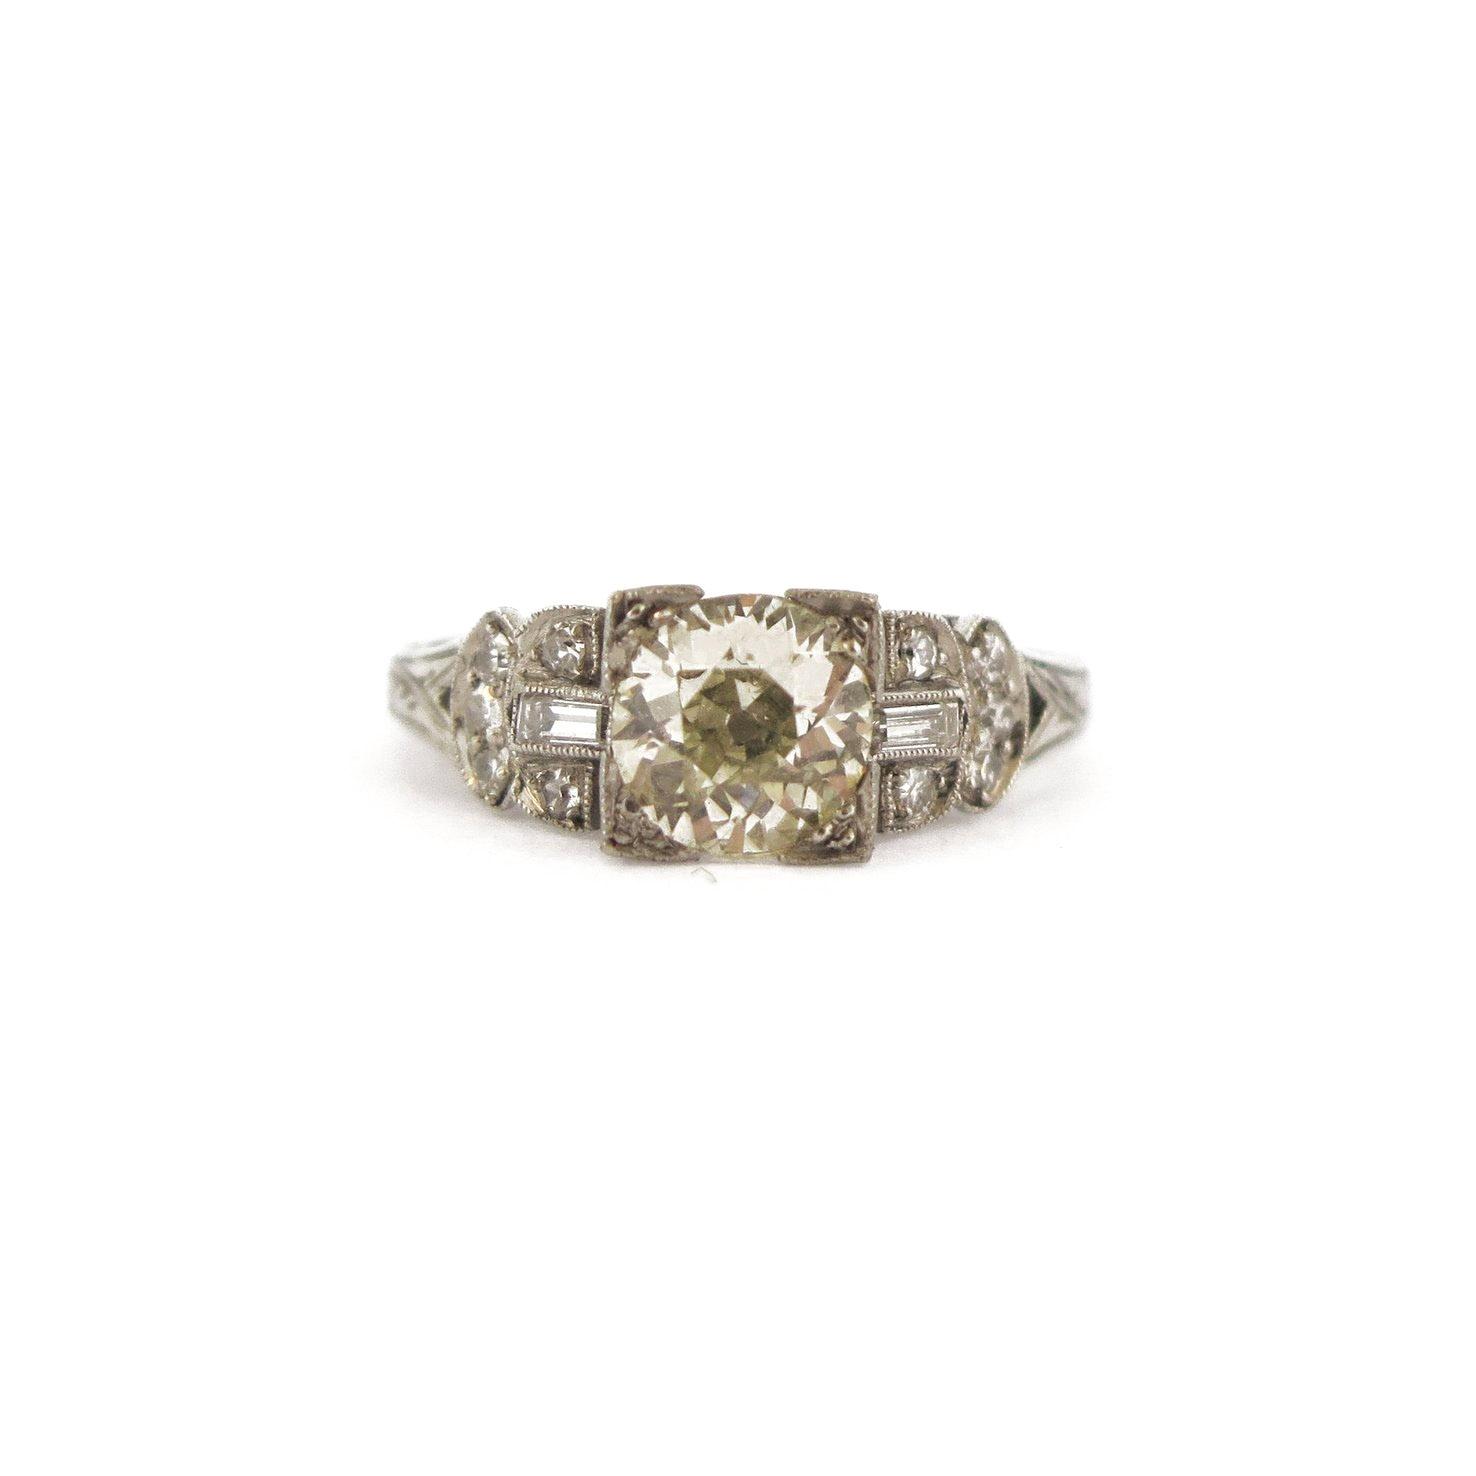 Edwardian 0.73 ct Diamond Ring